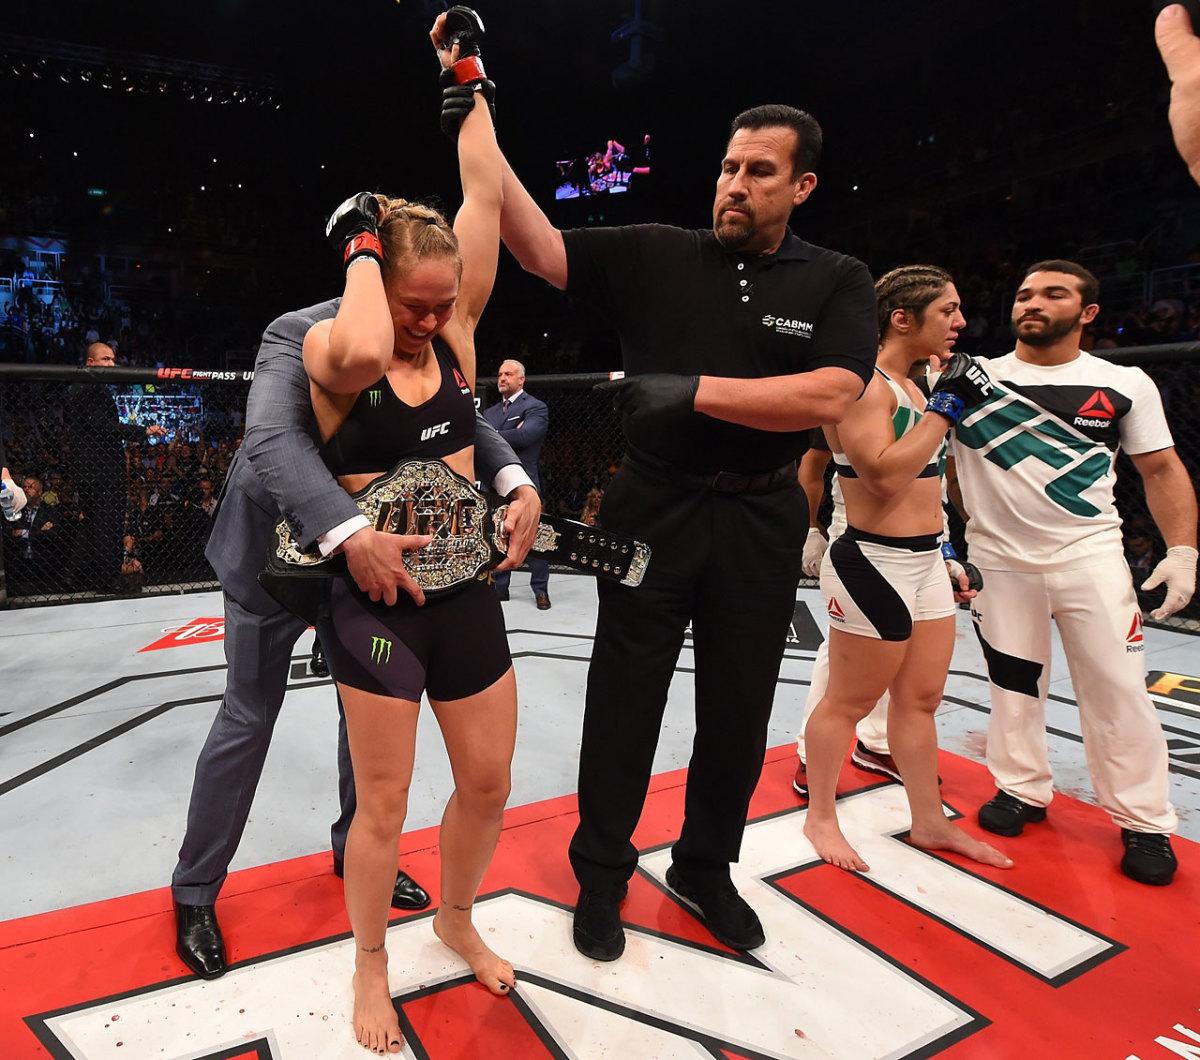 Ronda-Rousey-defeats-bethe-correia-14.jpg